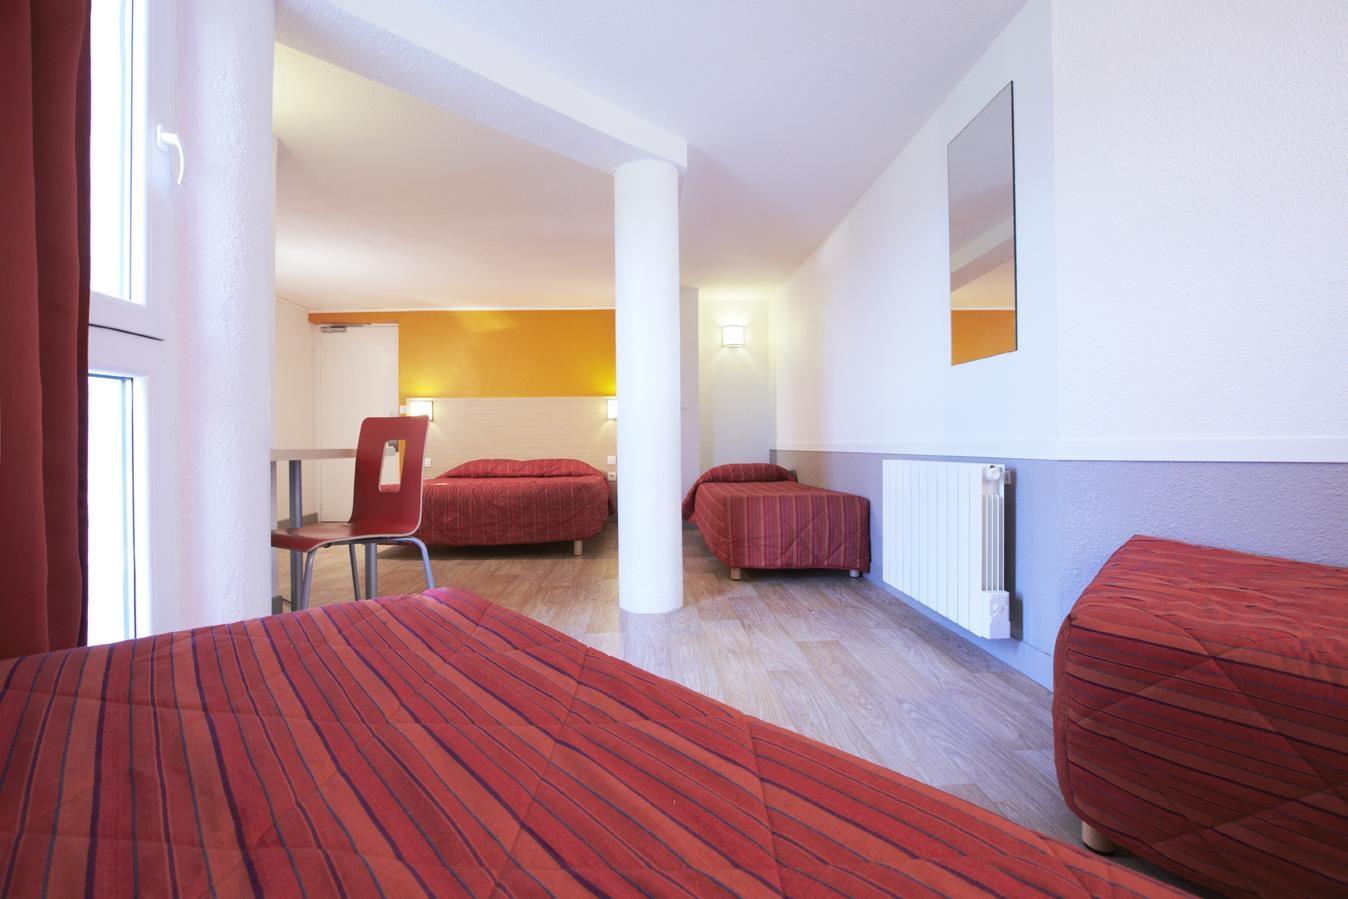 HOTEL Première classe Calais - centre gare